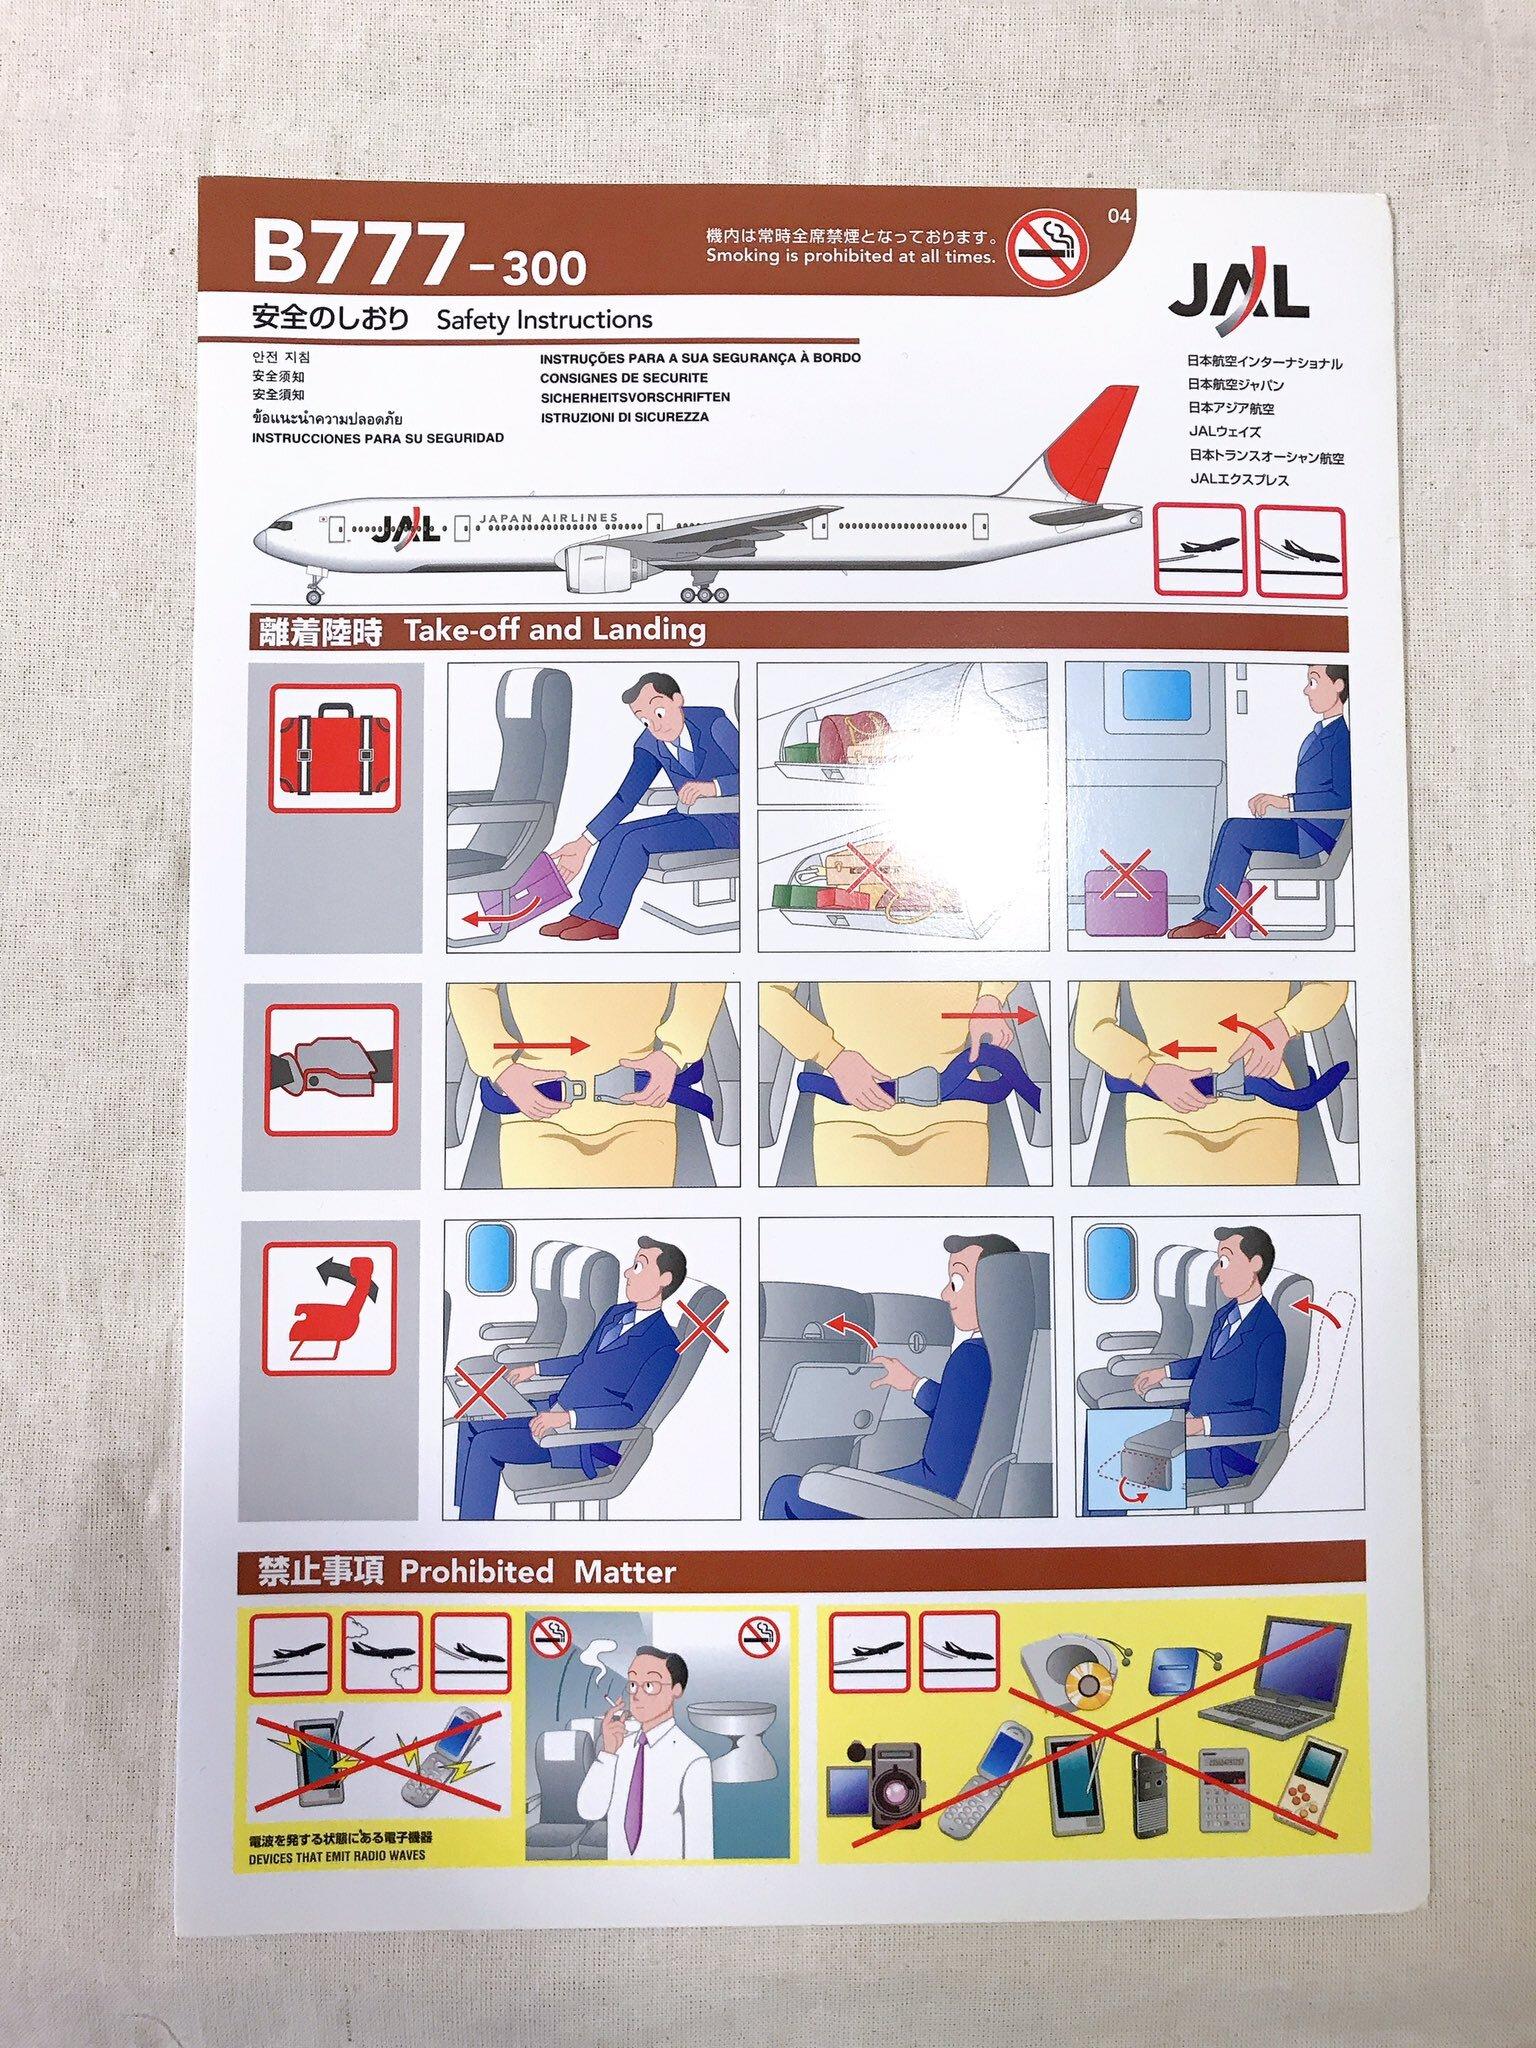 中古品安全のしおり/777-300 JAL